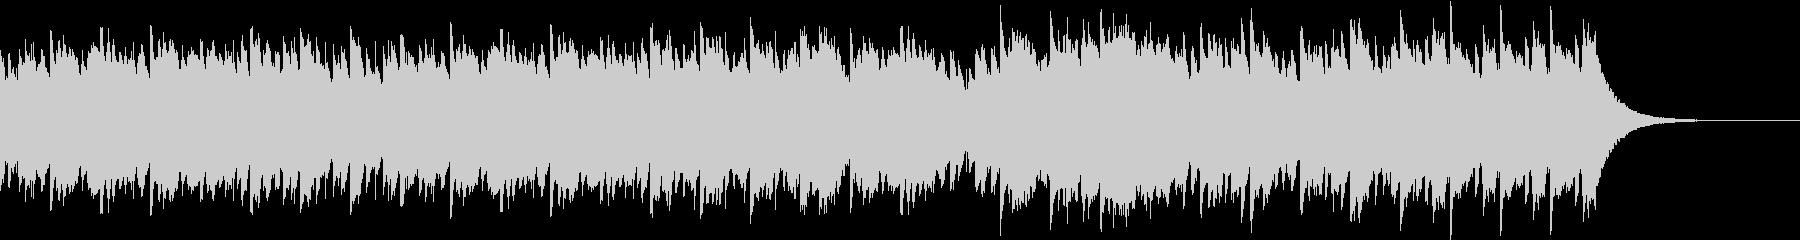 キラキラしたアラーム、グロッケン音の未再生の波形